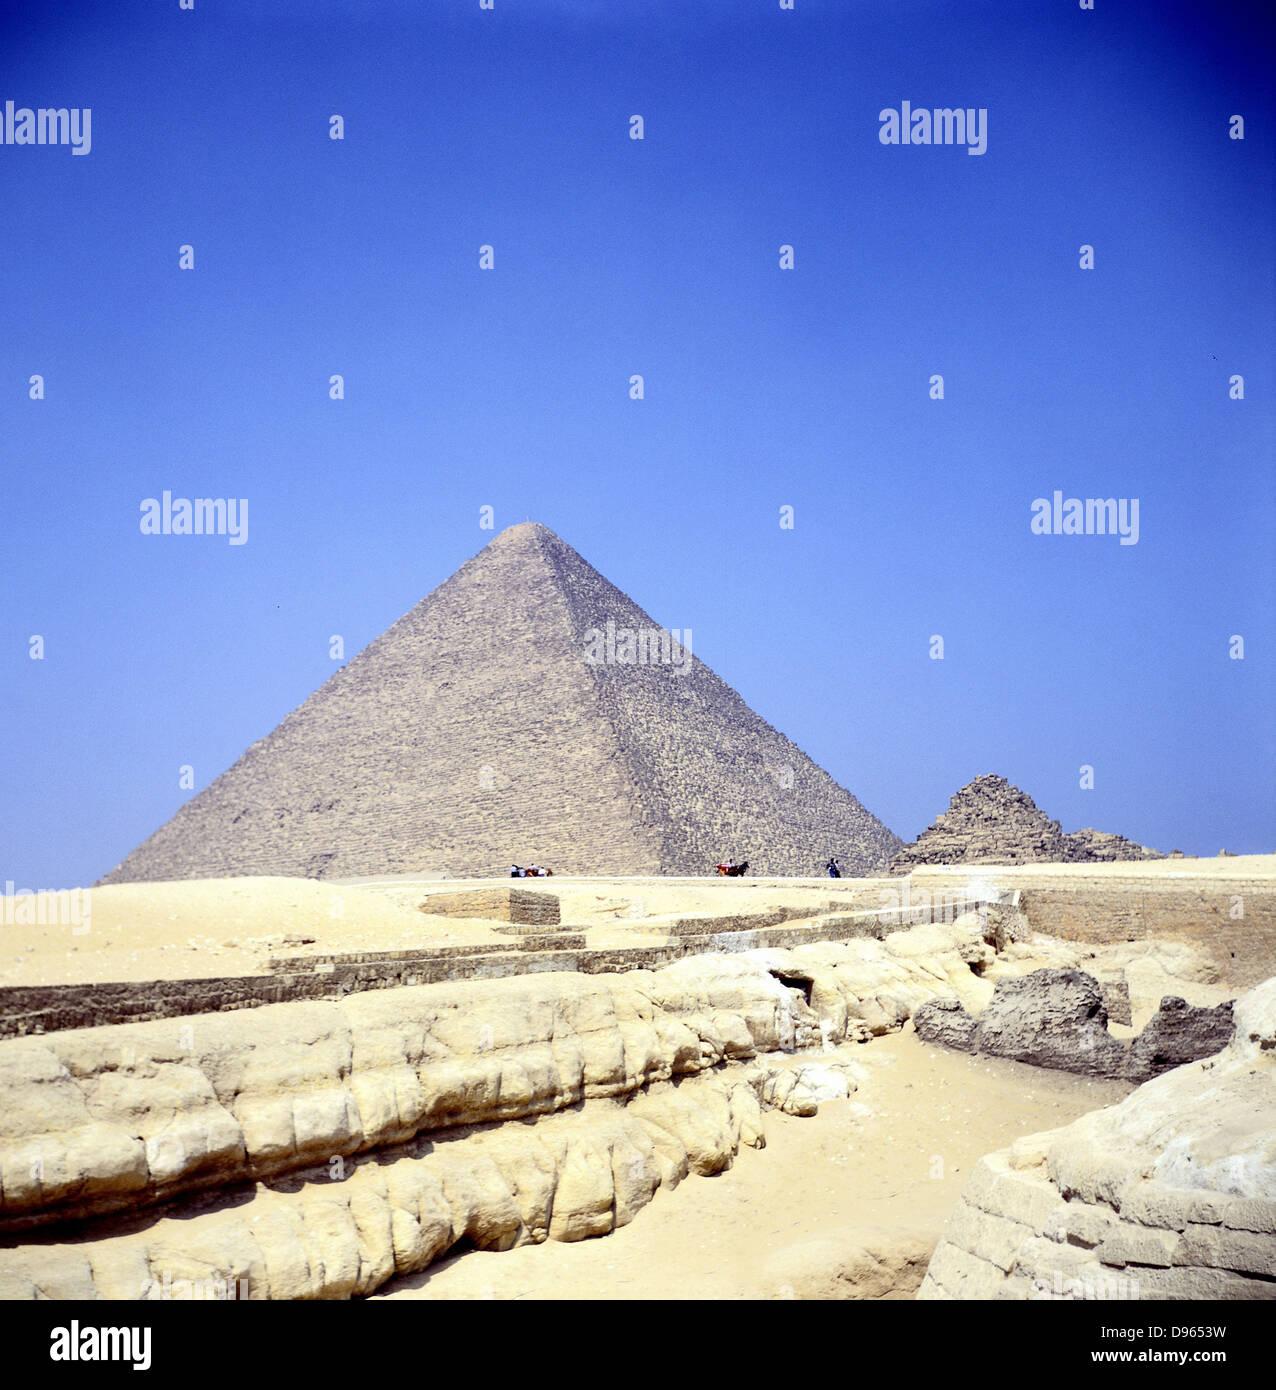 La Piramide di Giza. Piramidi di una delle sette meraviglie del mondo Immagini Stock